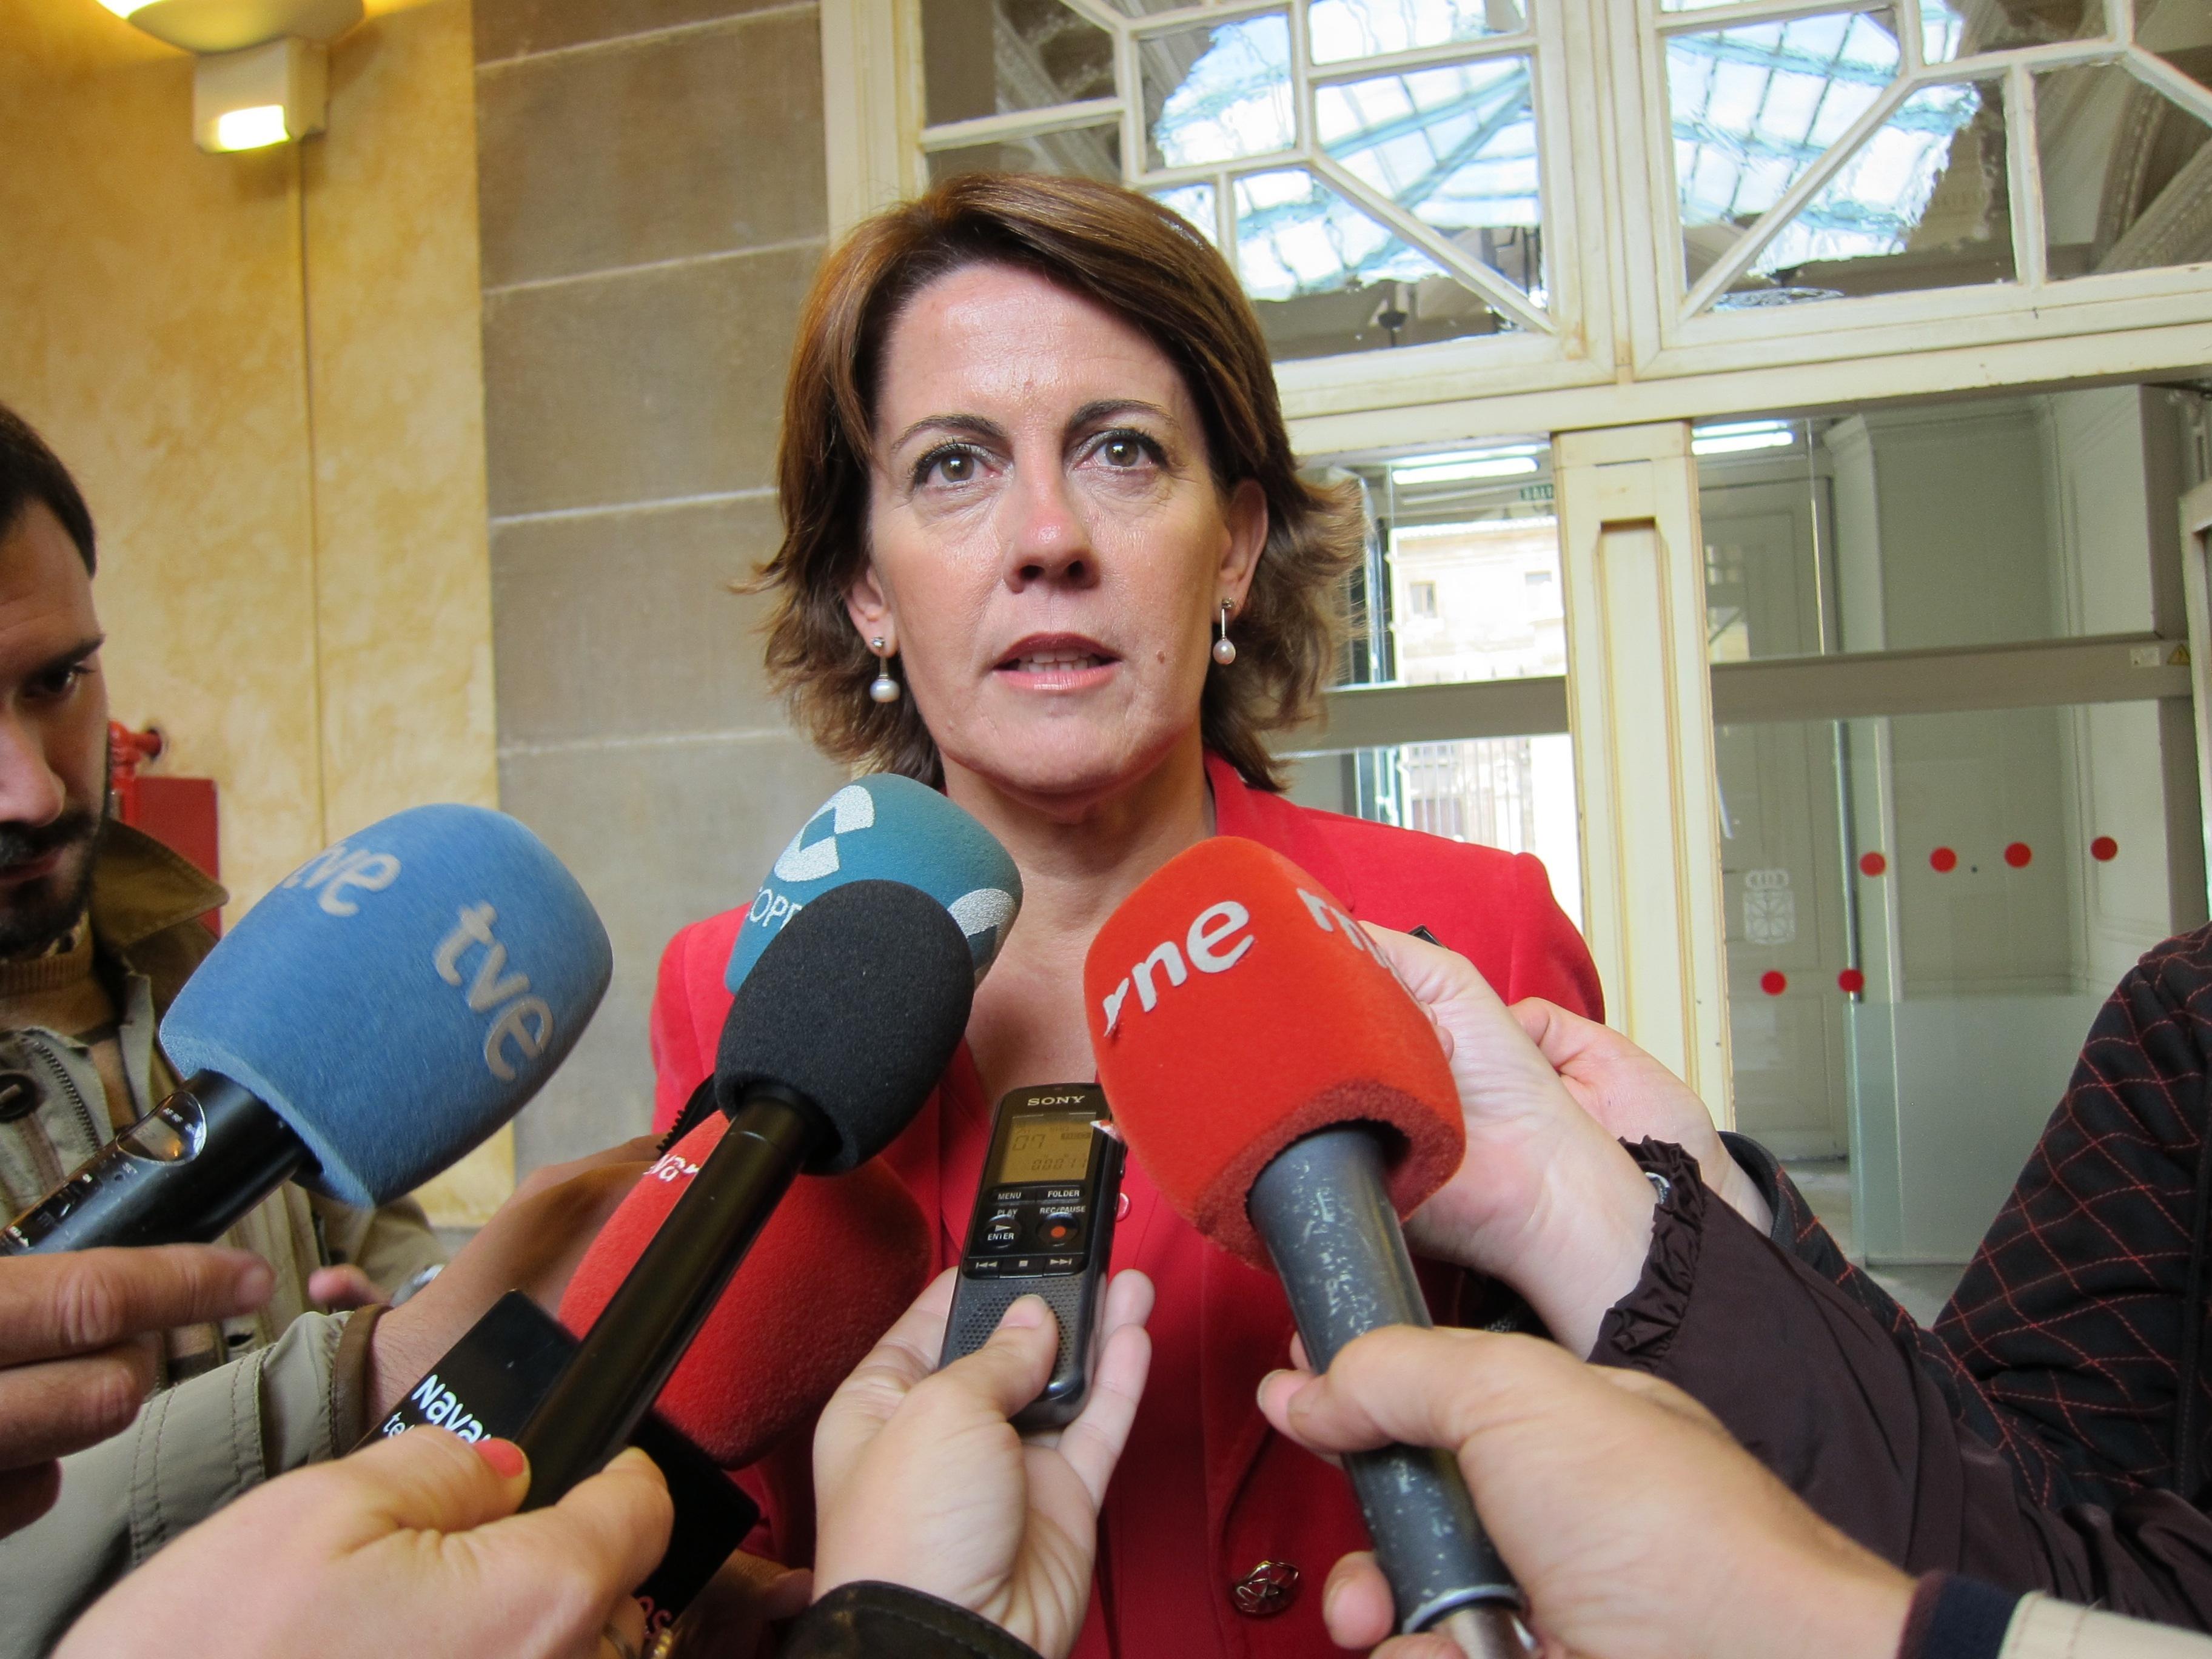 Barcina espera que el PSN «vuelva a la senda de la condena de los asesinatos terroristas, como siempre»